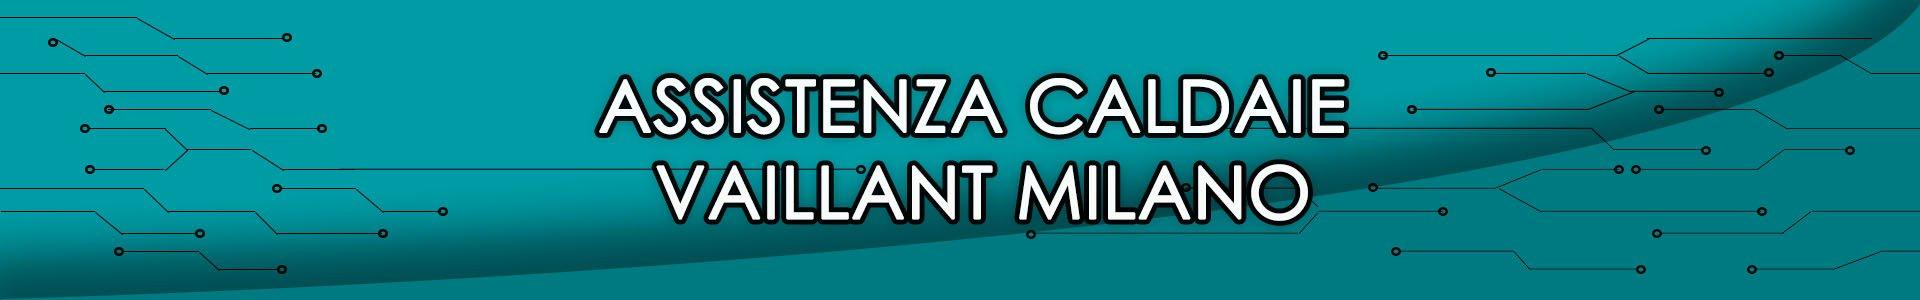 Assistenza Caldaie Viallant Milano e provincia